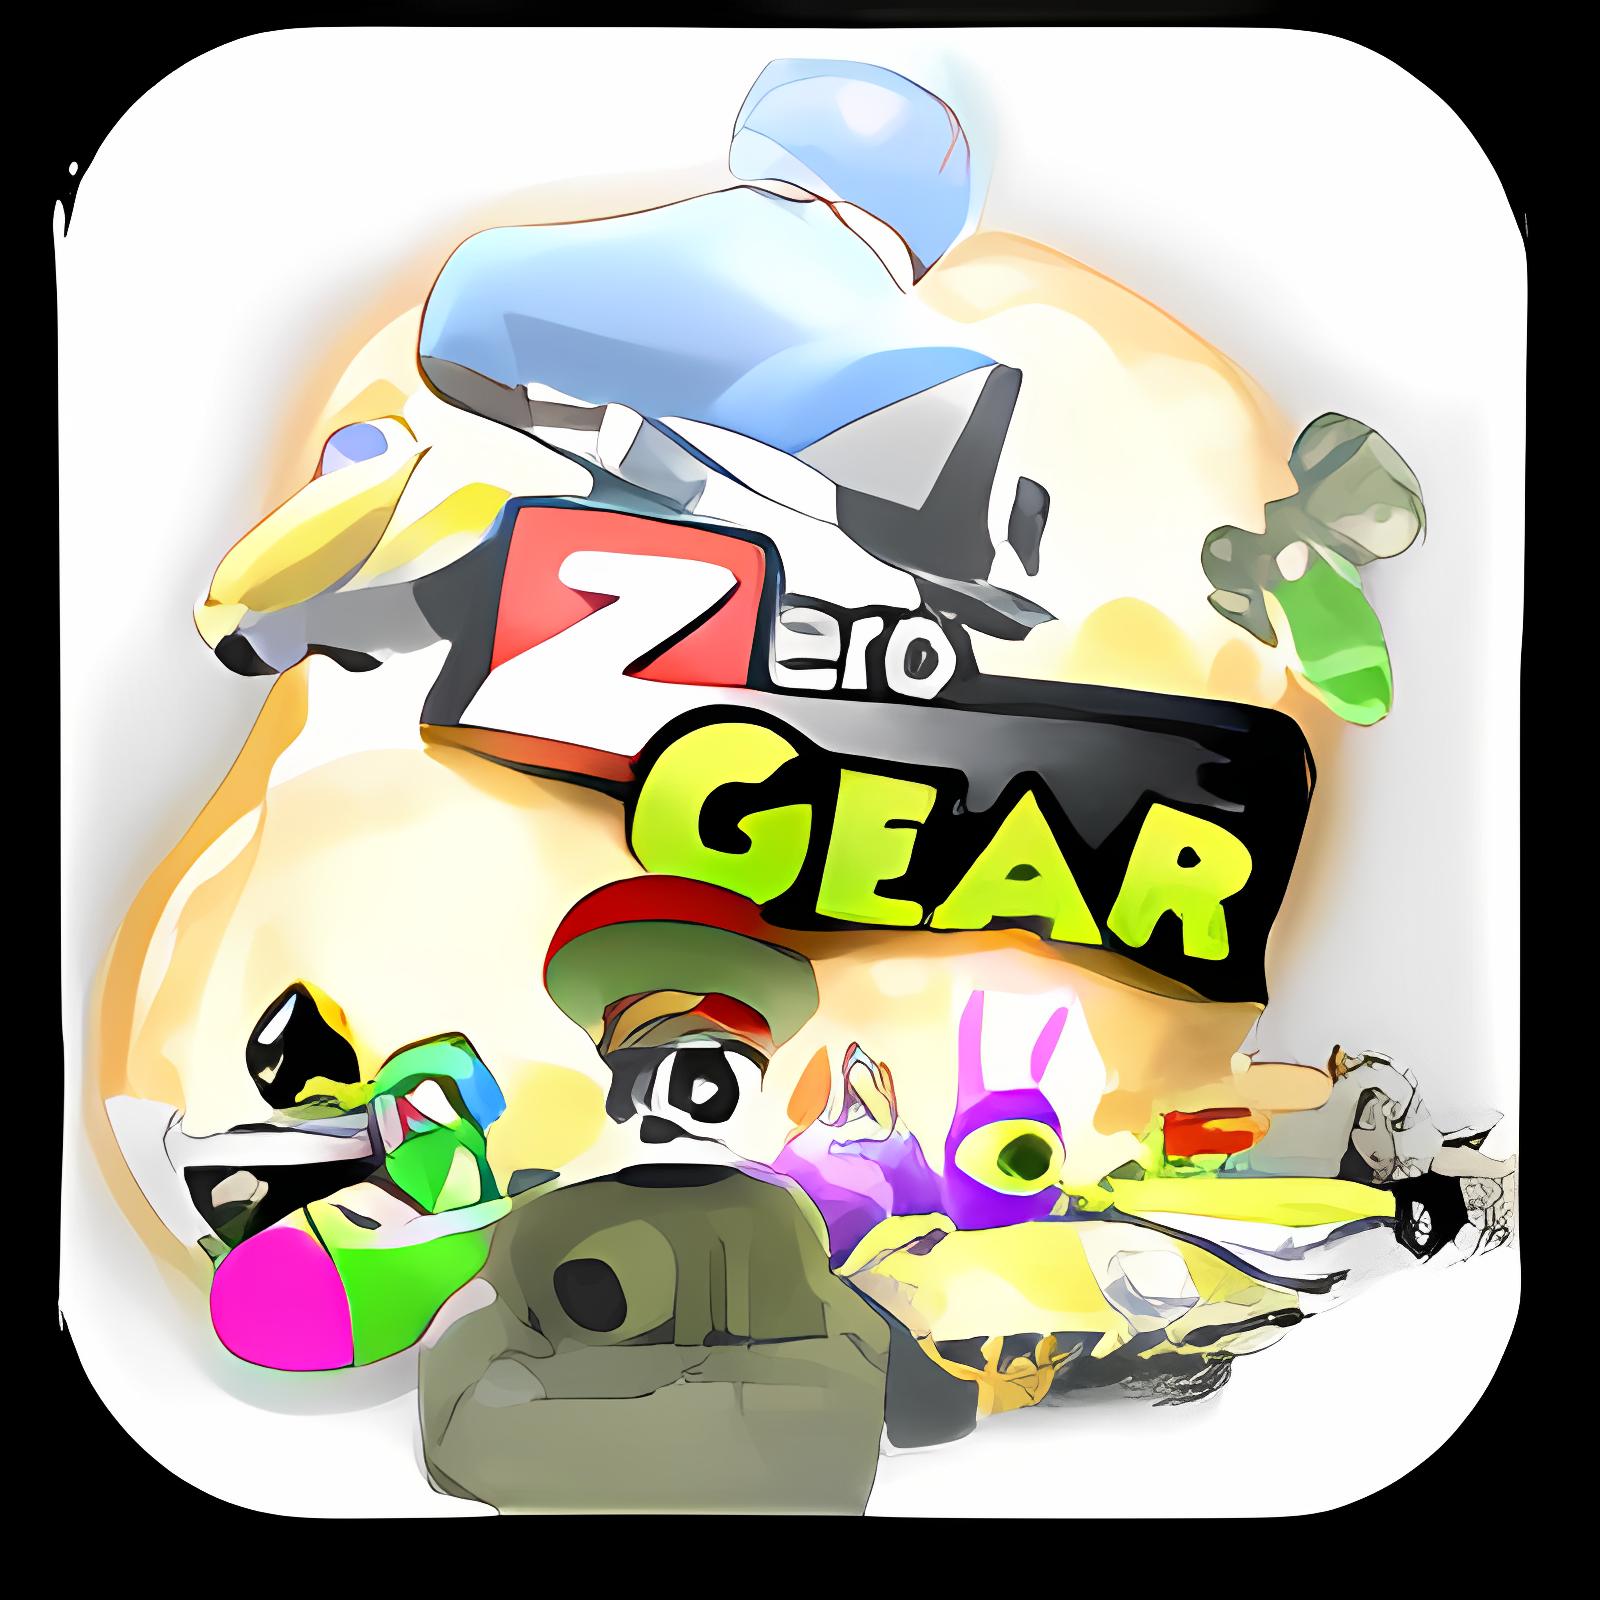 Zero Gear 1.0.2.3